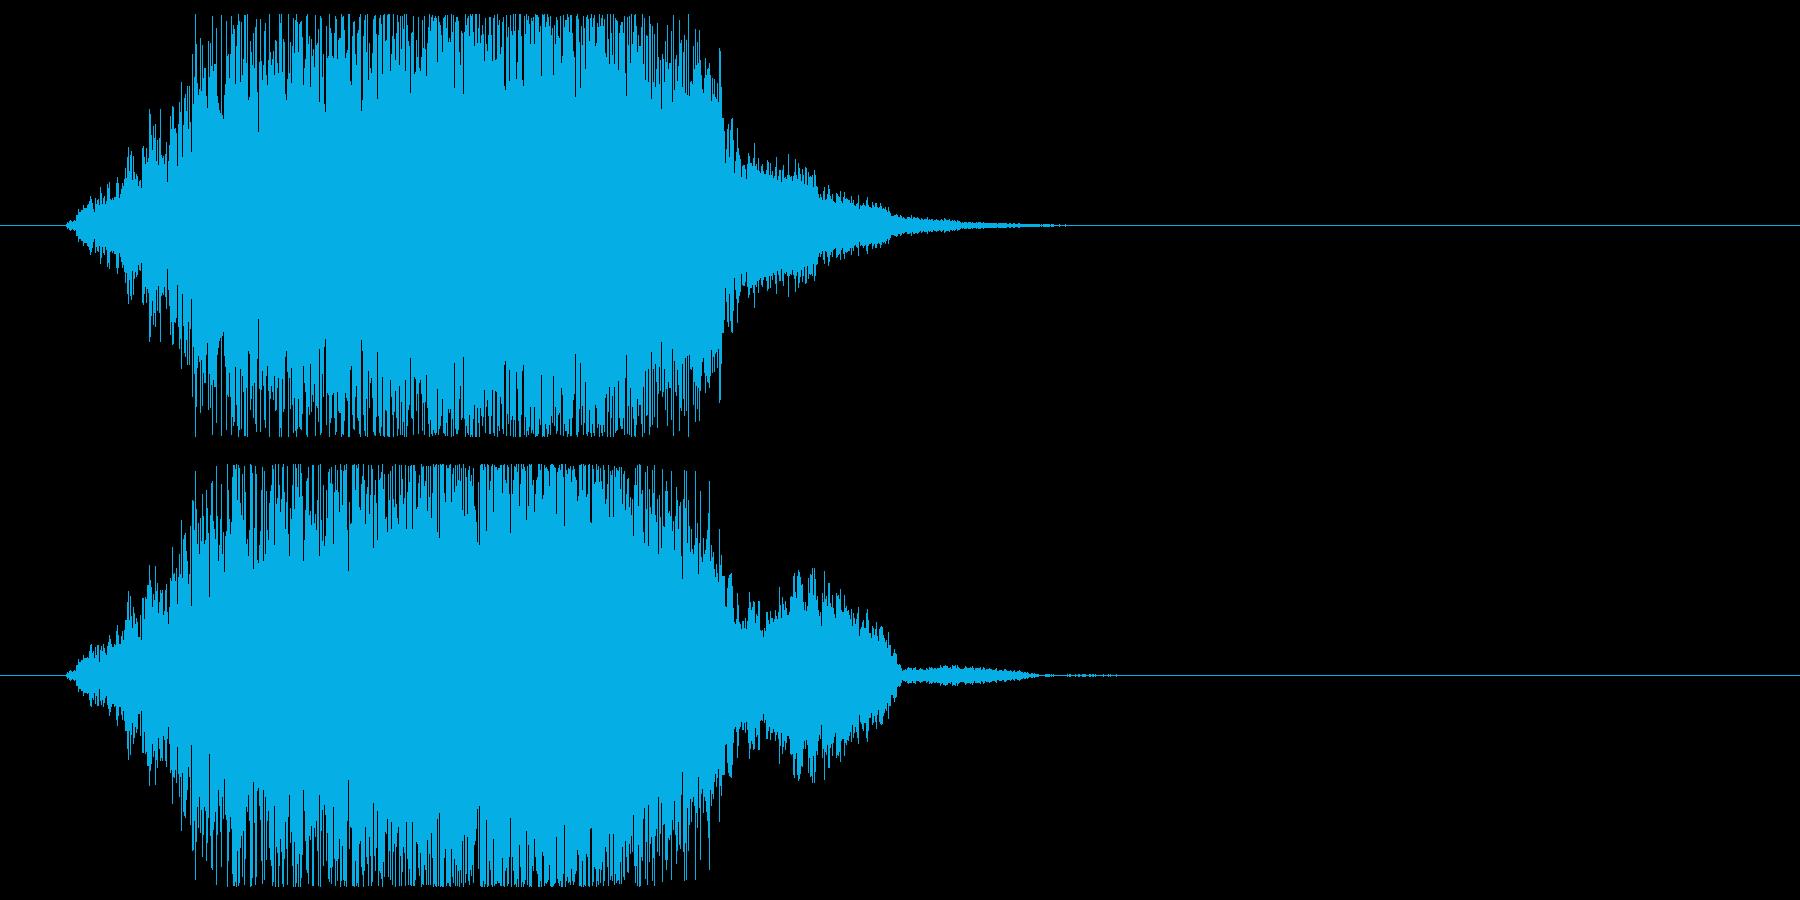 上昇_パワーアップの再生済みの波形